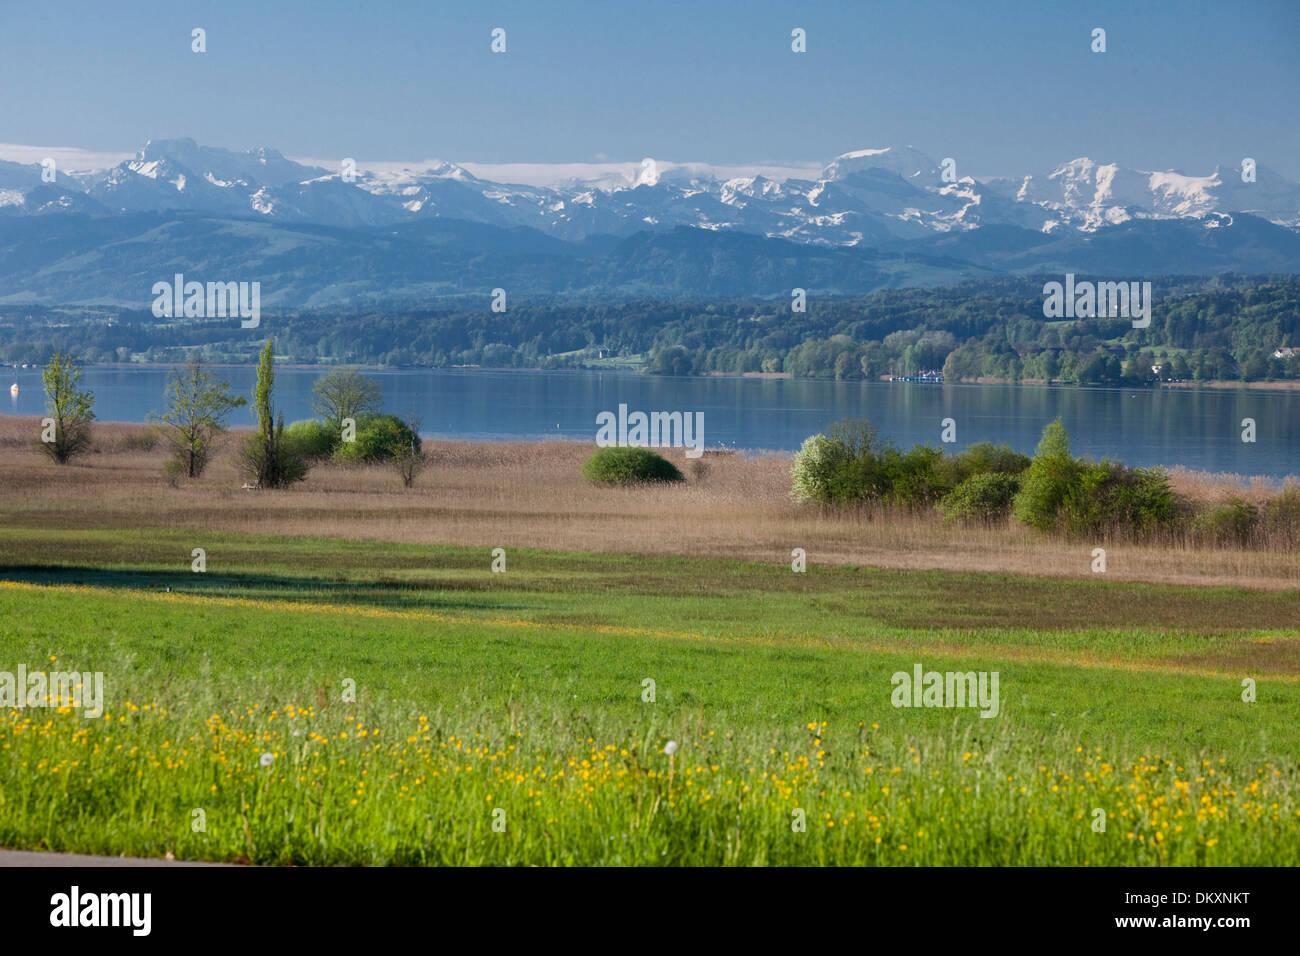 La Svizzera, Europa, lago, nave, barca, navi, barche, Alpi, Canton, ZH, Zurigo, molla, Greifensee, Lago di Greifen, prato, Immagini Stock